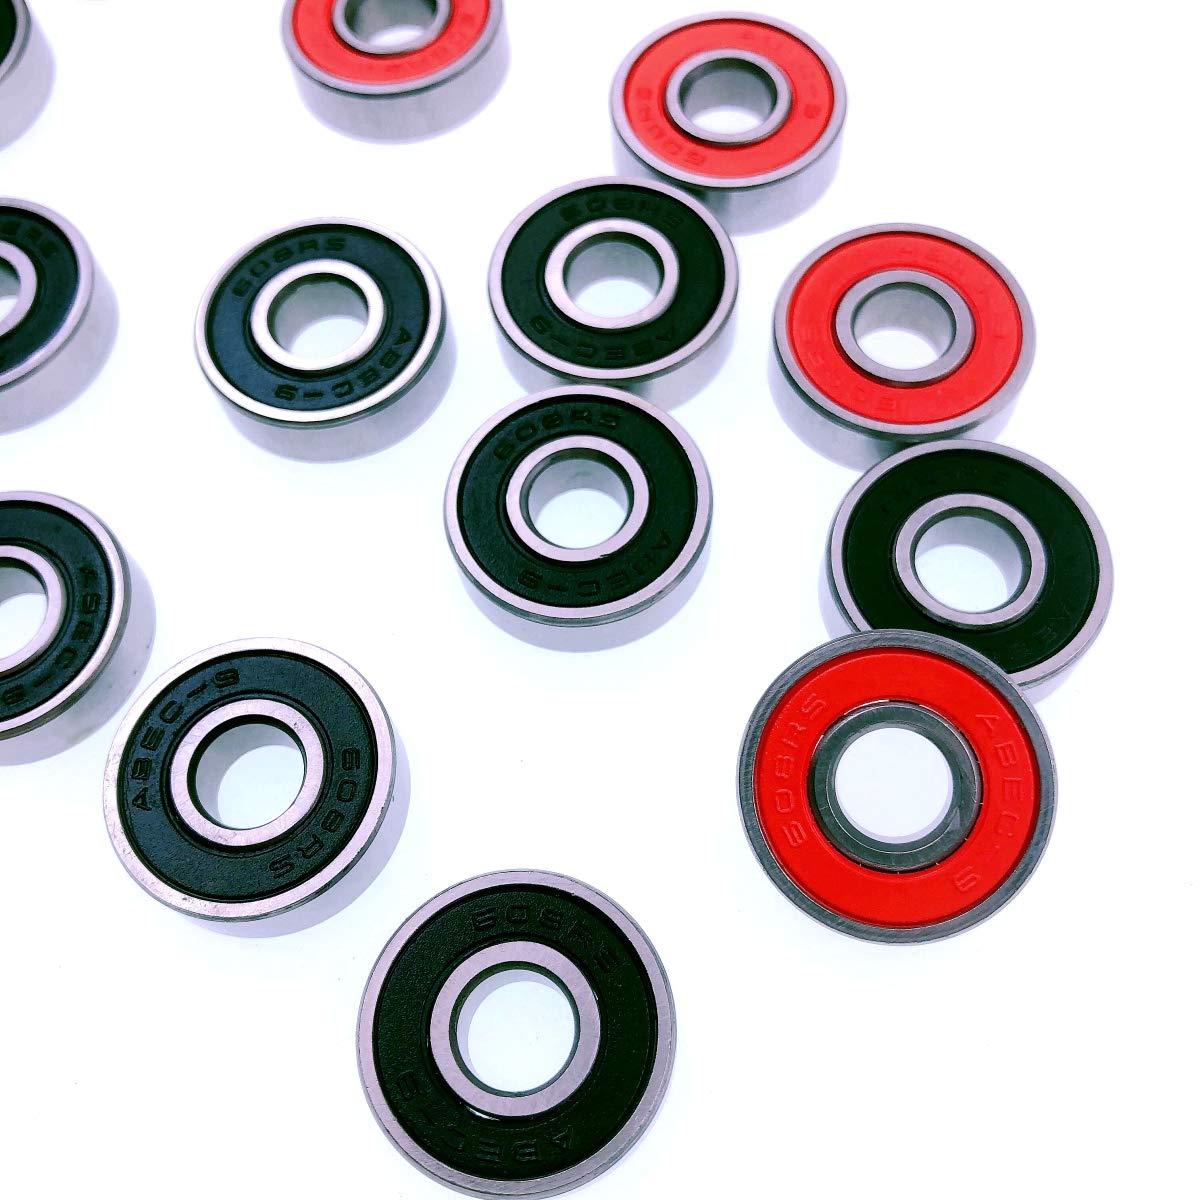 Rojo y Negro JZK 20 x Rodamientos de Skate 608 RS ABEC-9 cojinetes Patines de Rueda para Patines Patines Scooters